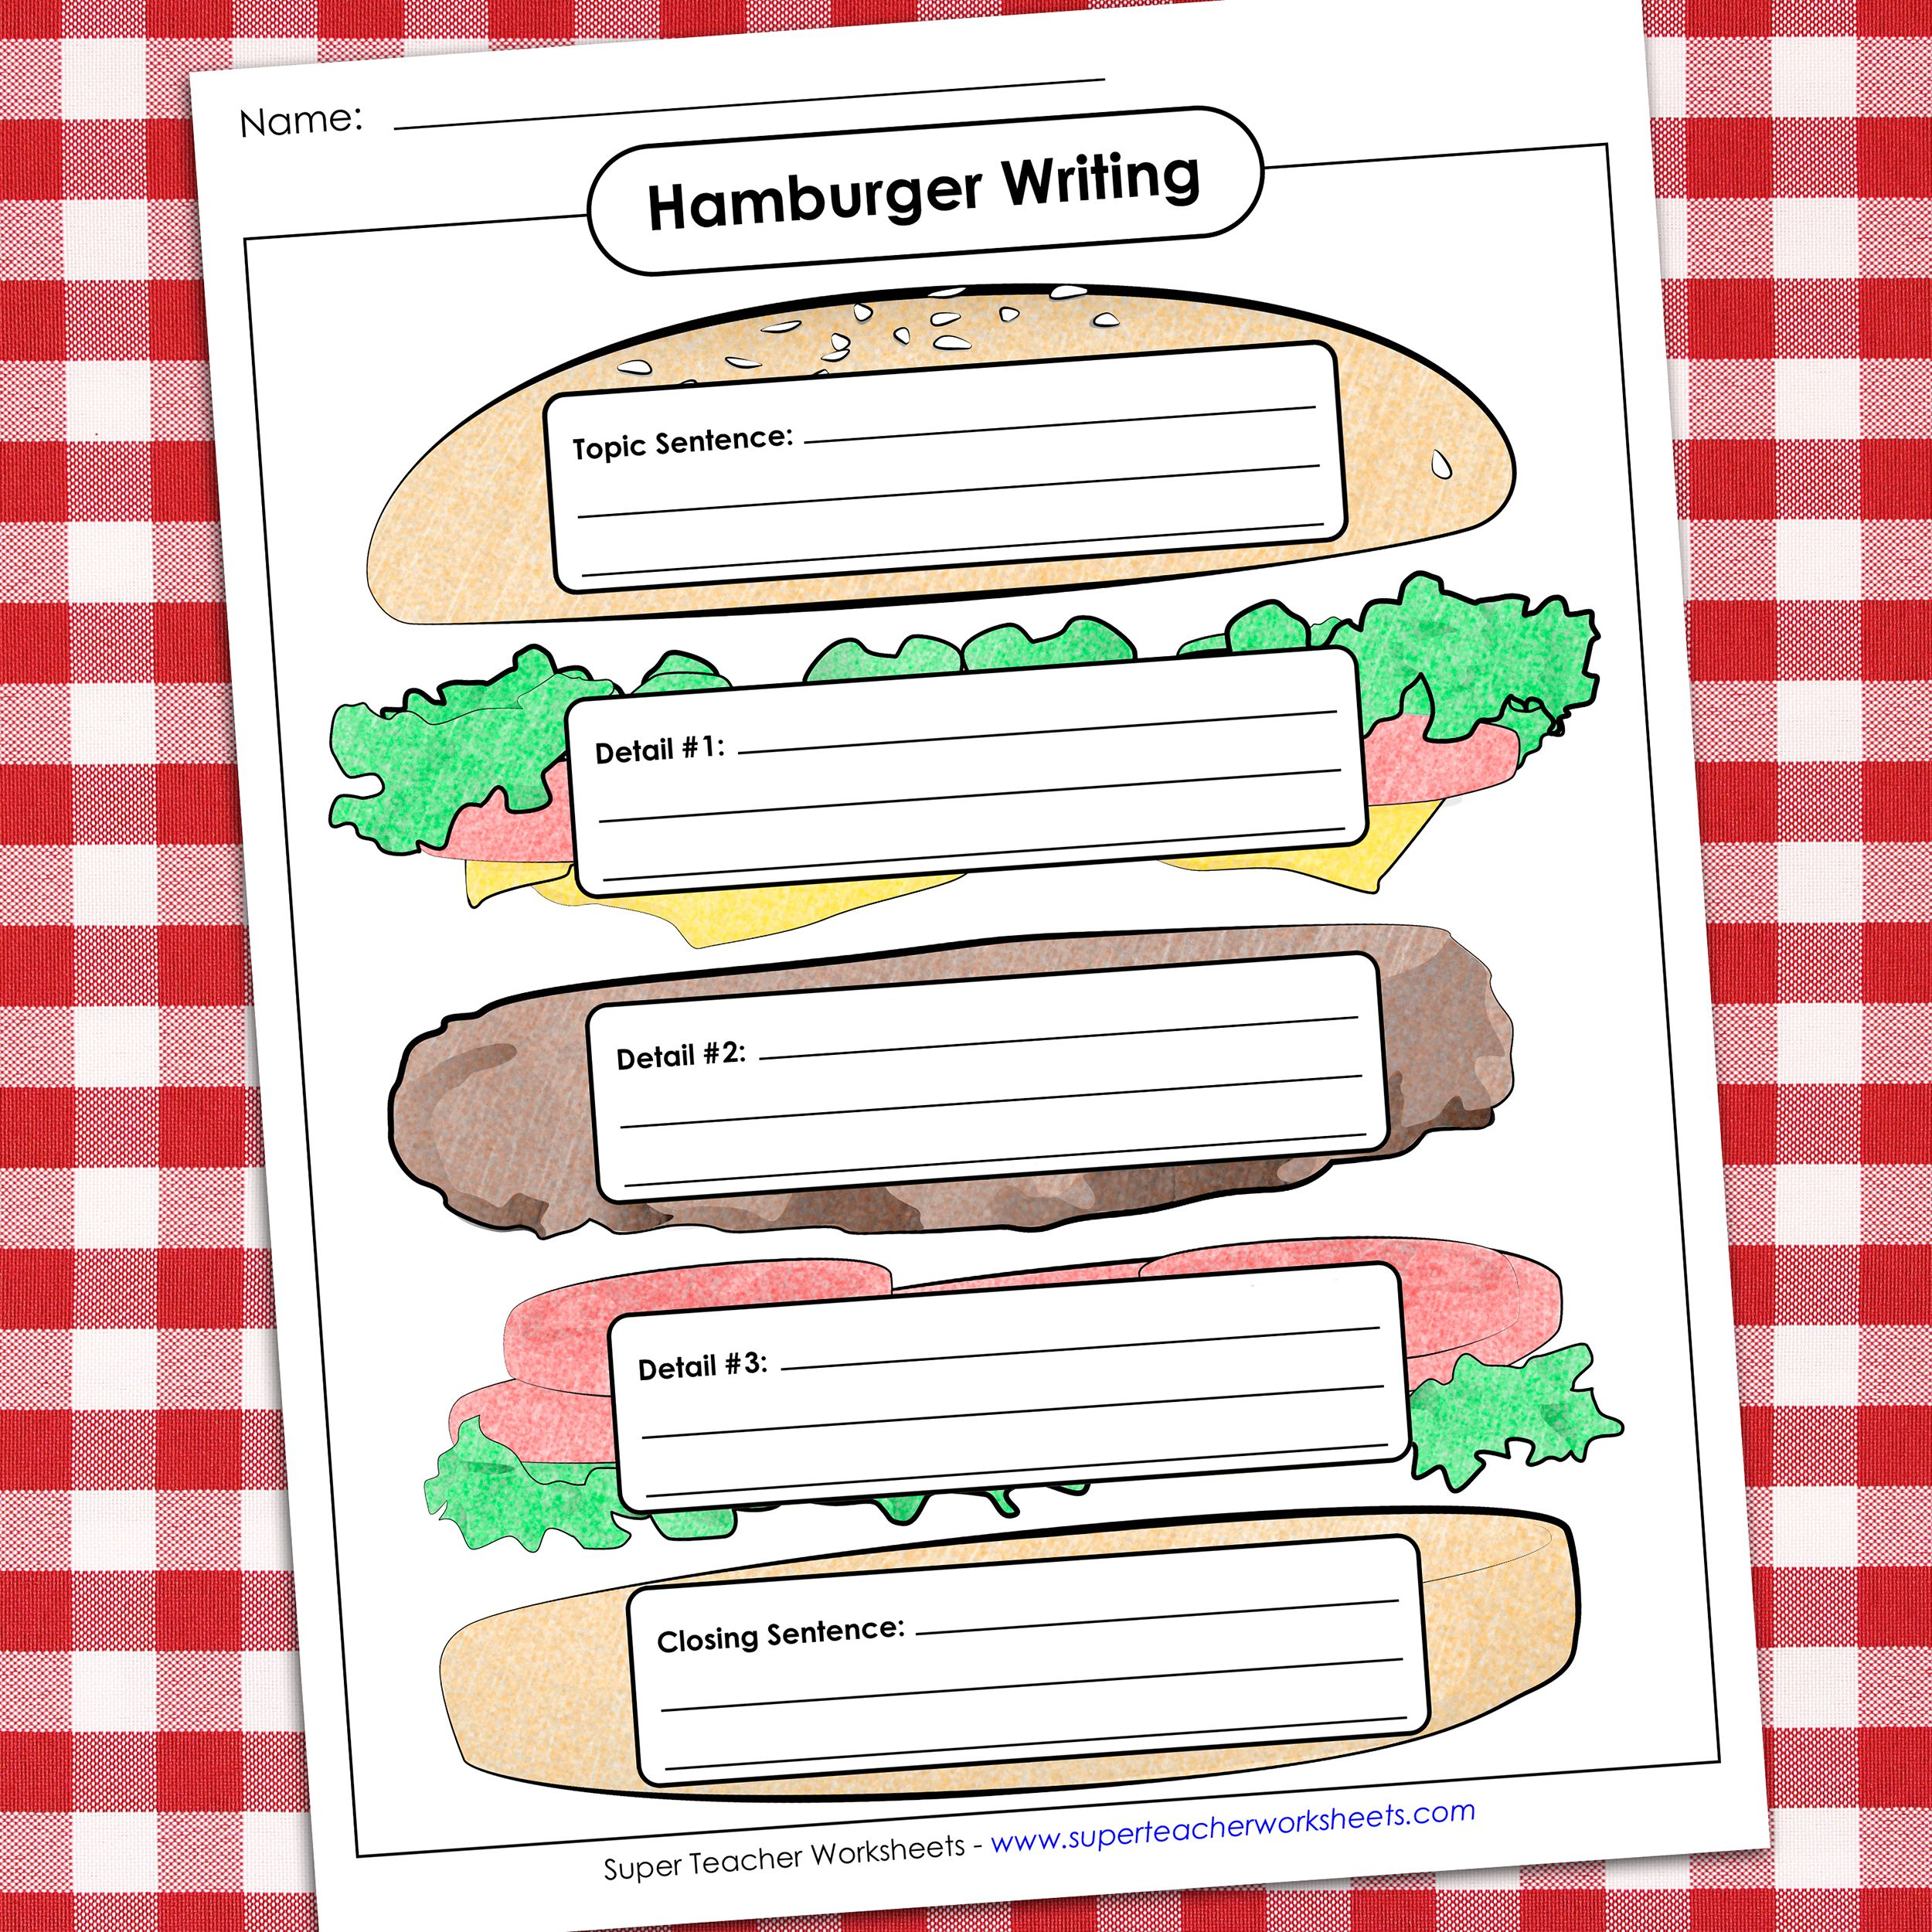 Hamburger Writing Writing Graphic Organizers Graphic Organizers Writing Templates